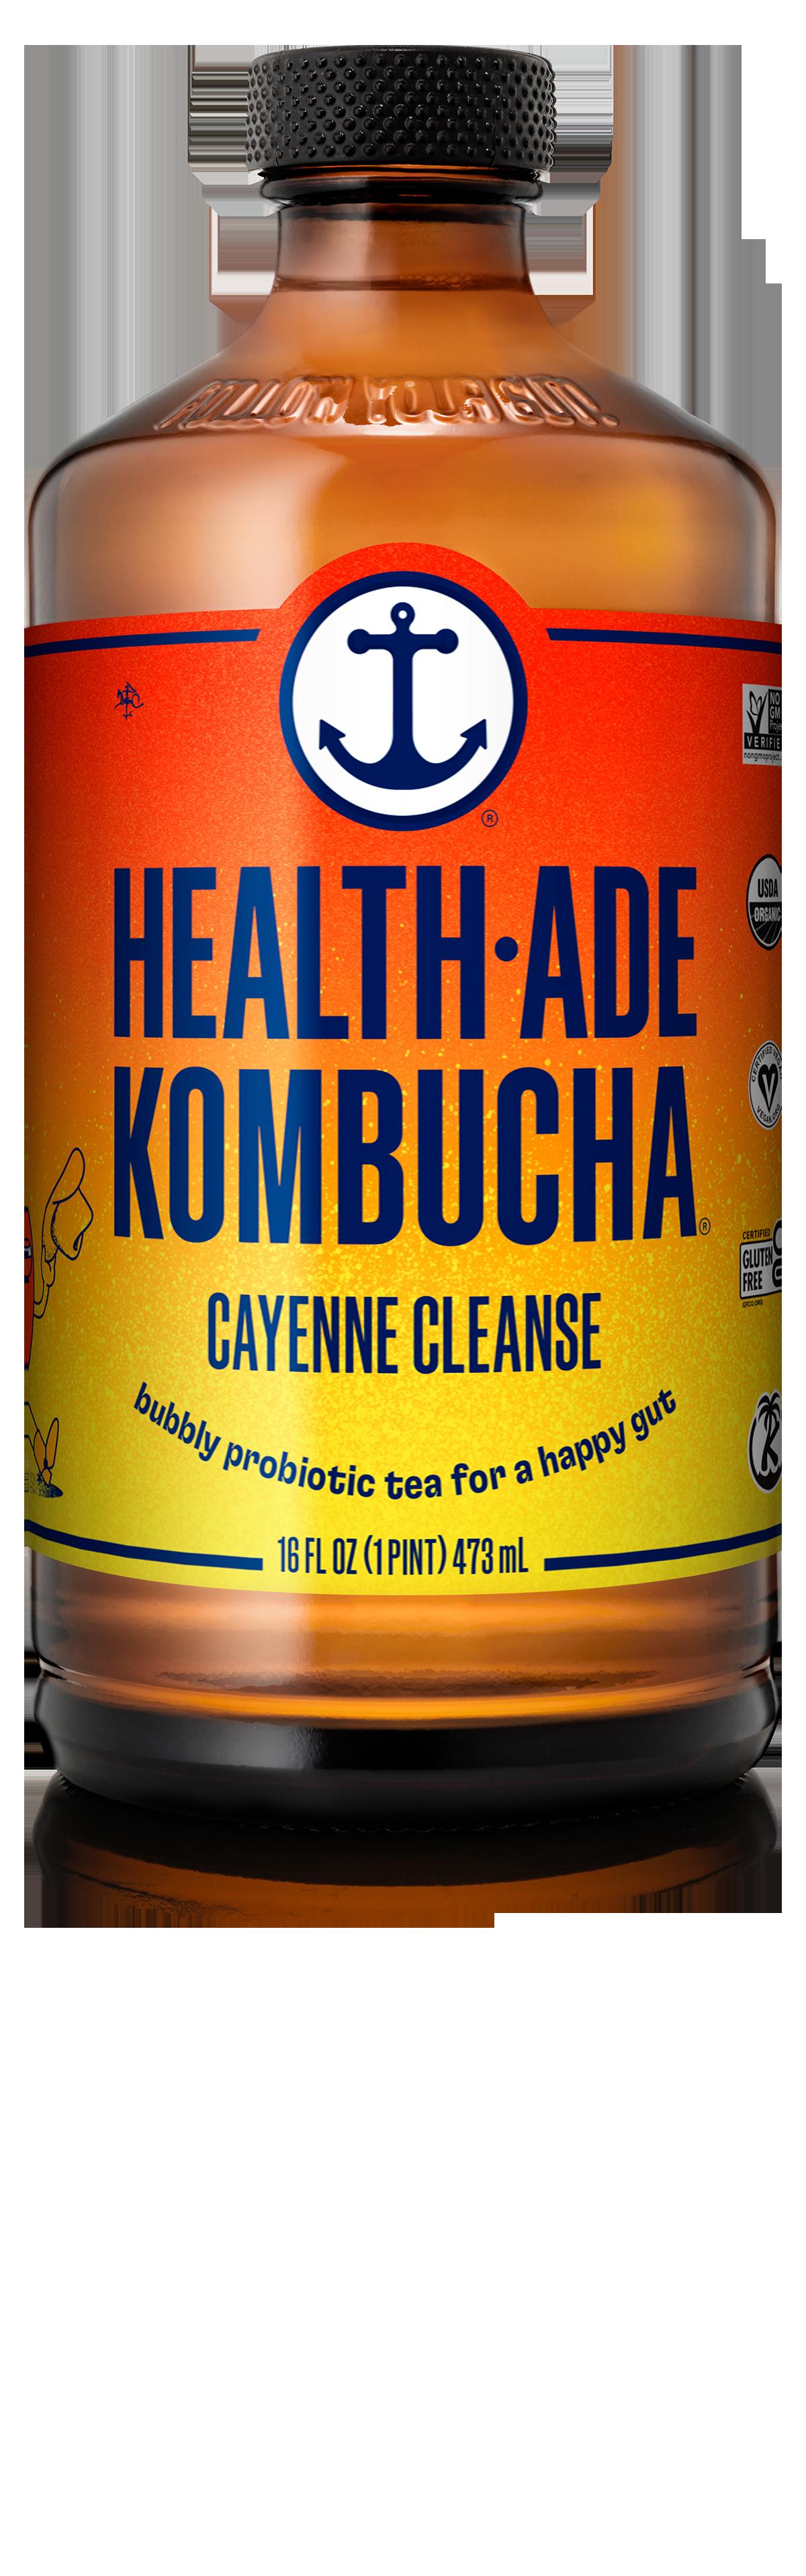 Health-Ade Kombucha Cayenne Cleanse